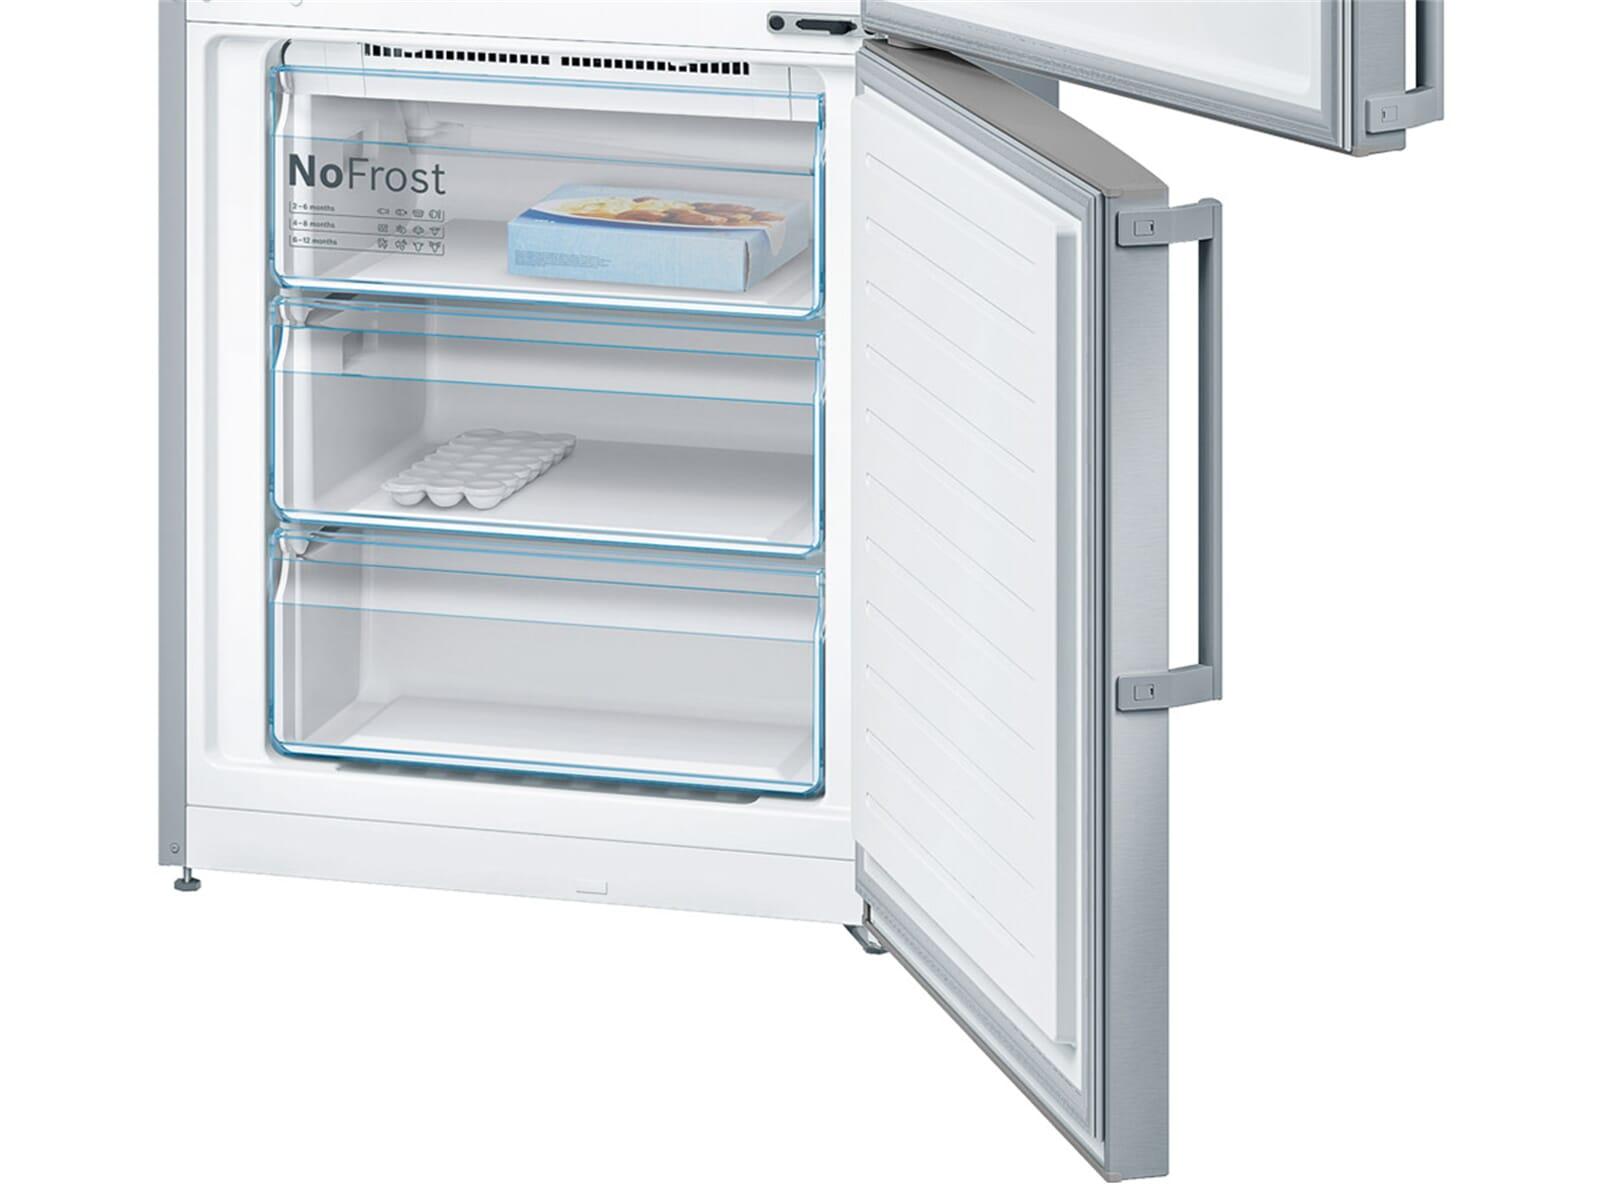 Smeg Kühlschrank Gefrierkombination : Smeg kühlschrank tür einstellen unsere kaufempfehlung für eine